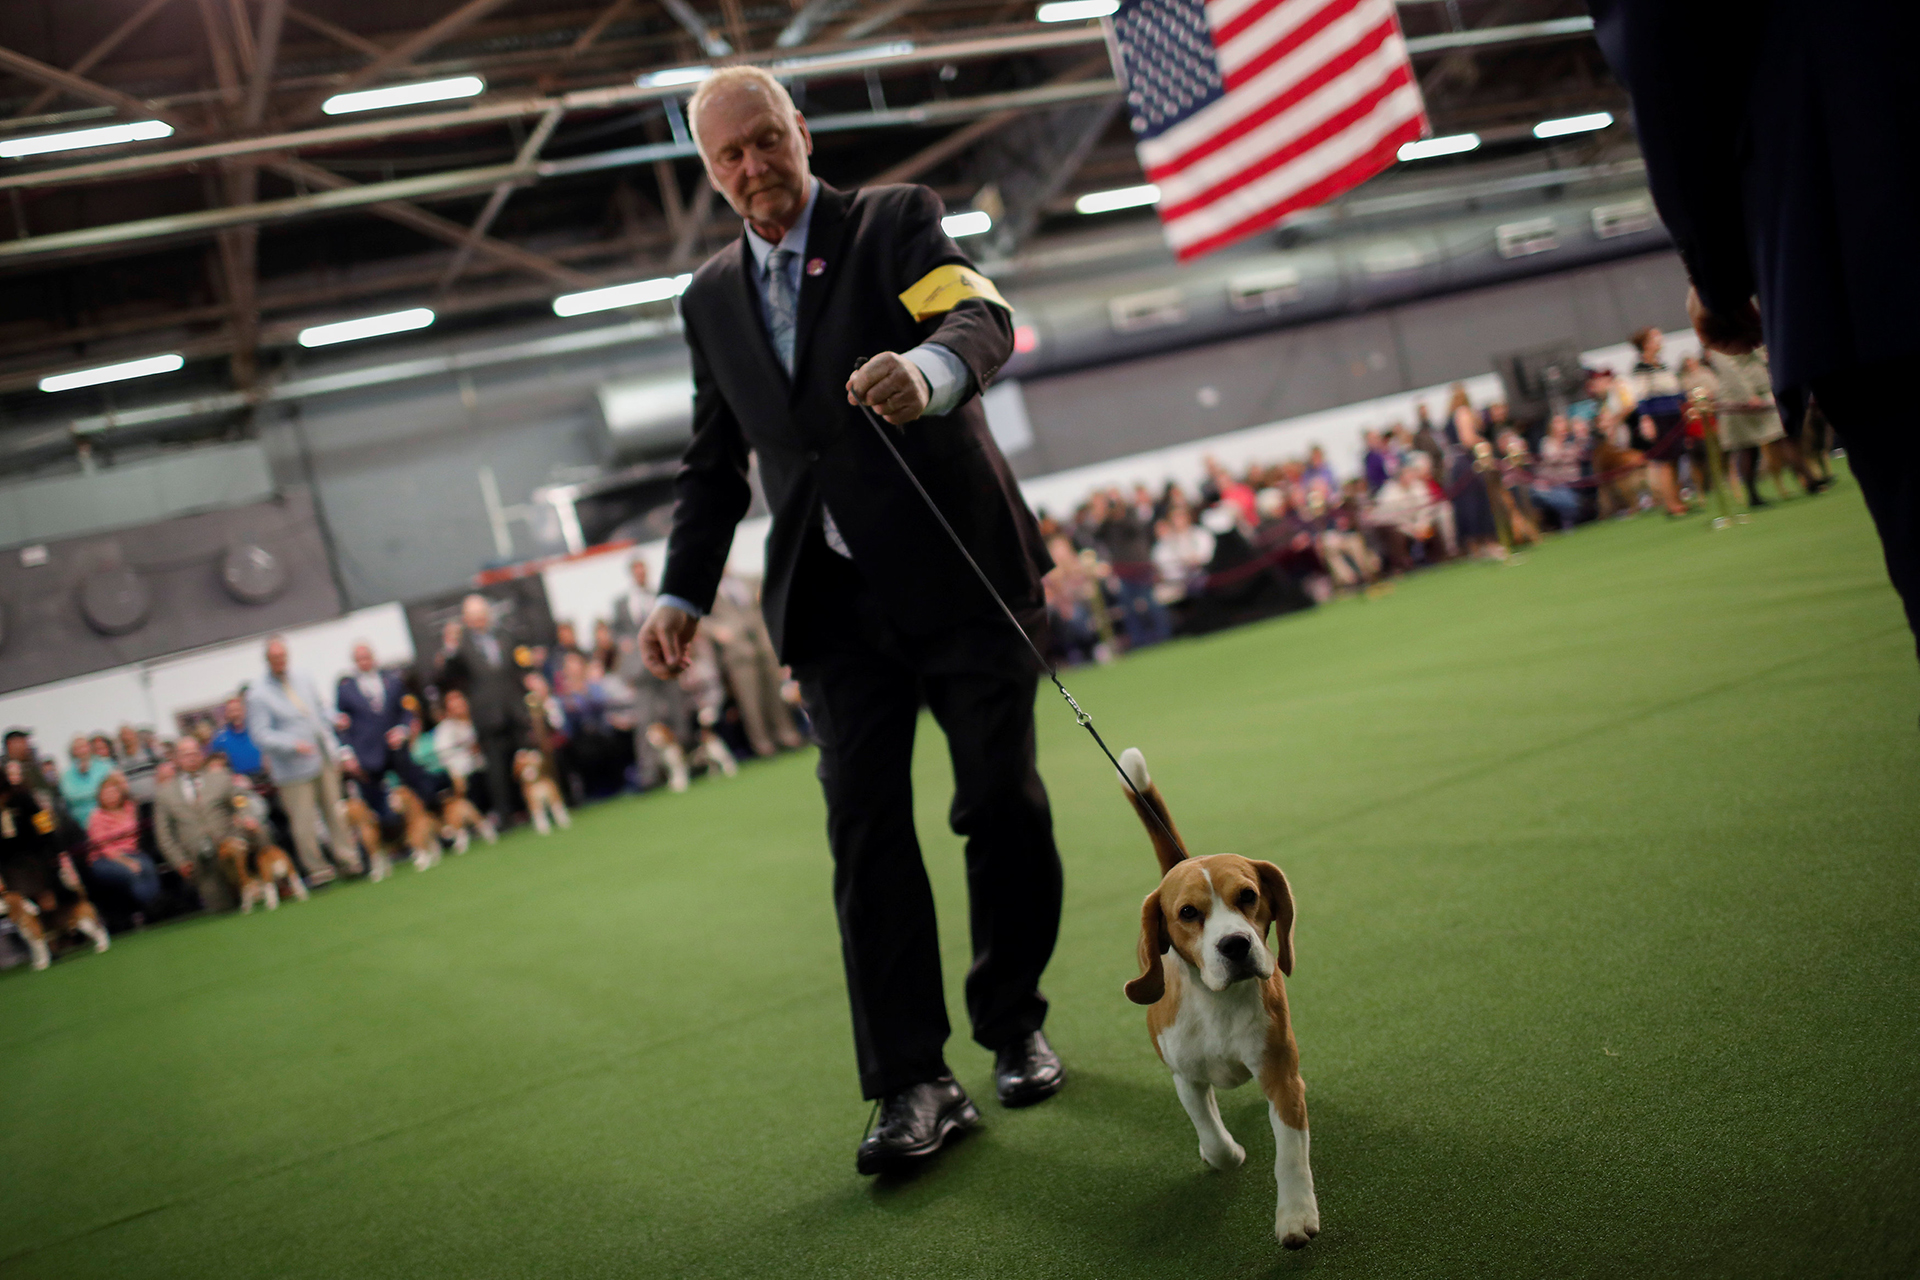 Un Beagle en plena competencia